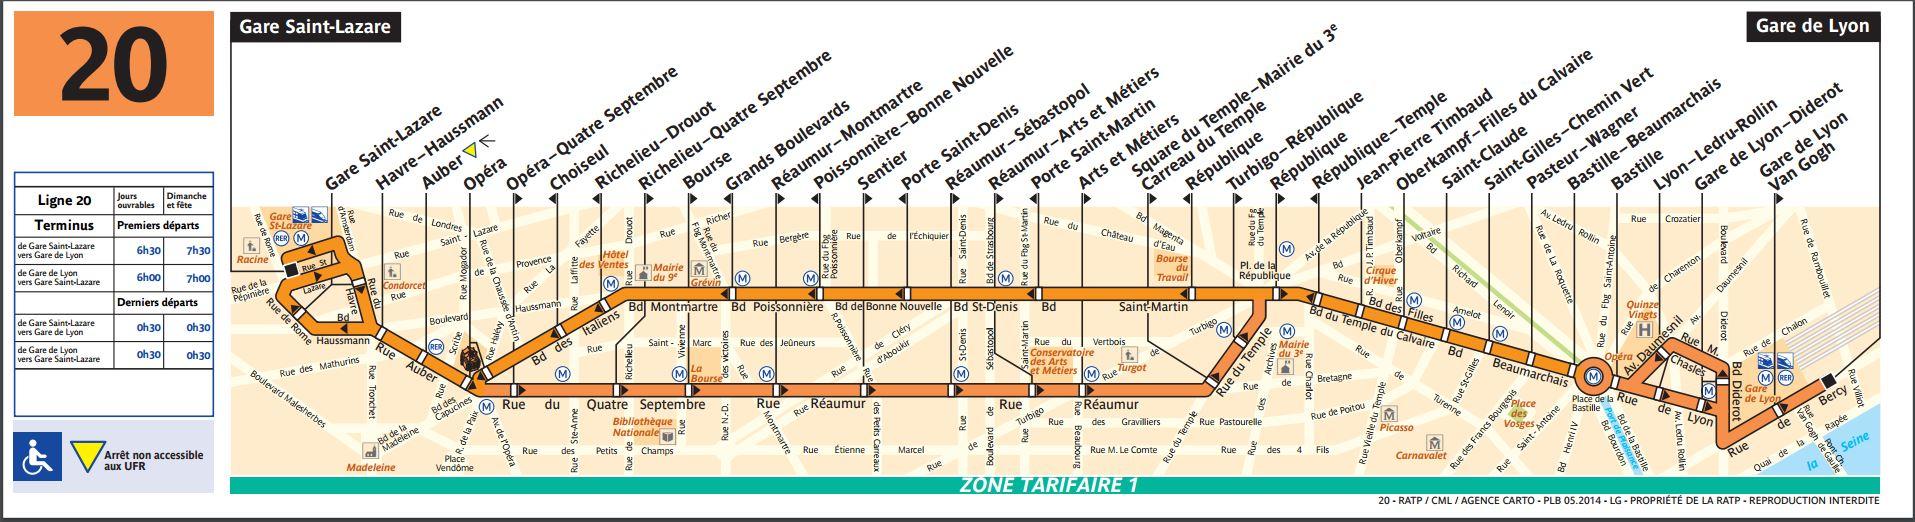 Ligne de bus 20